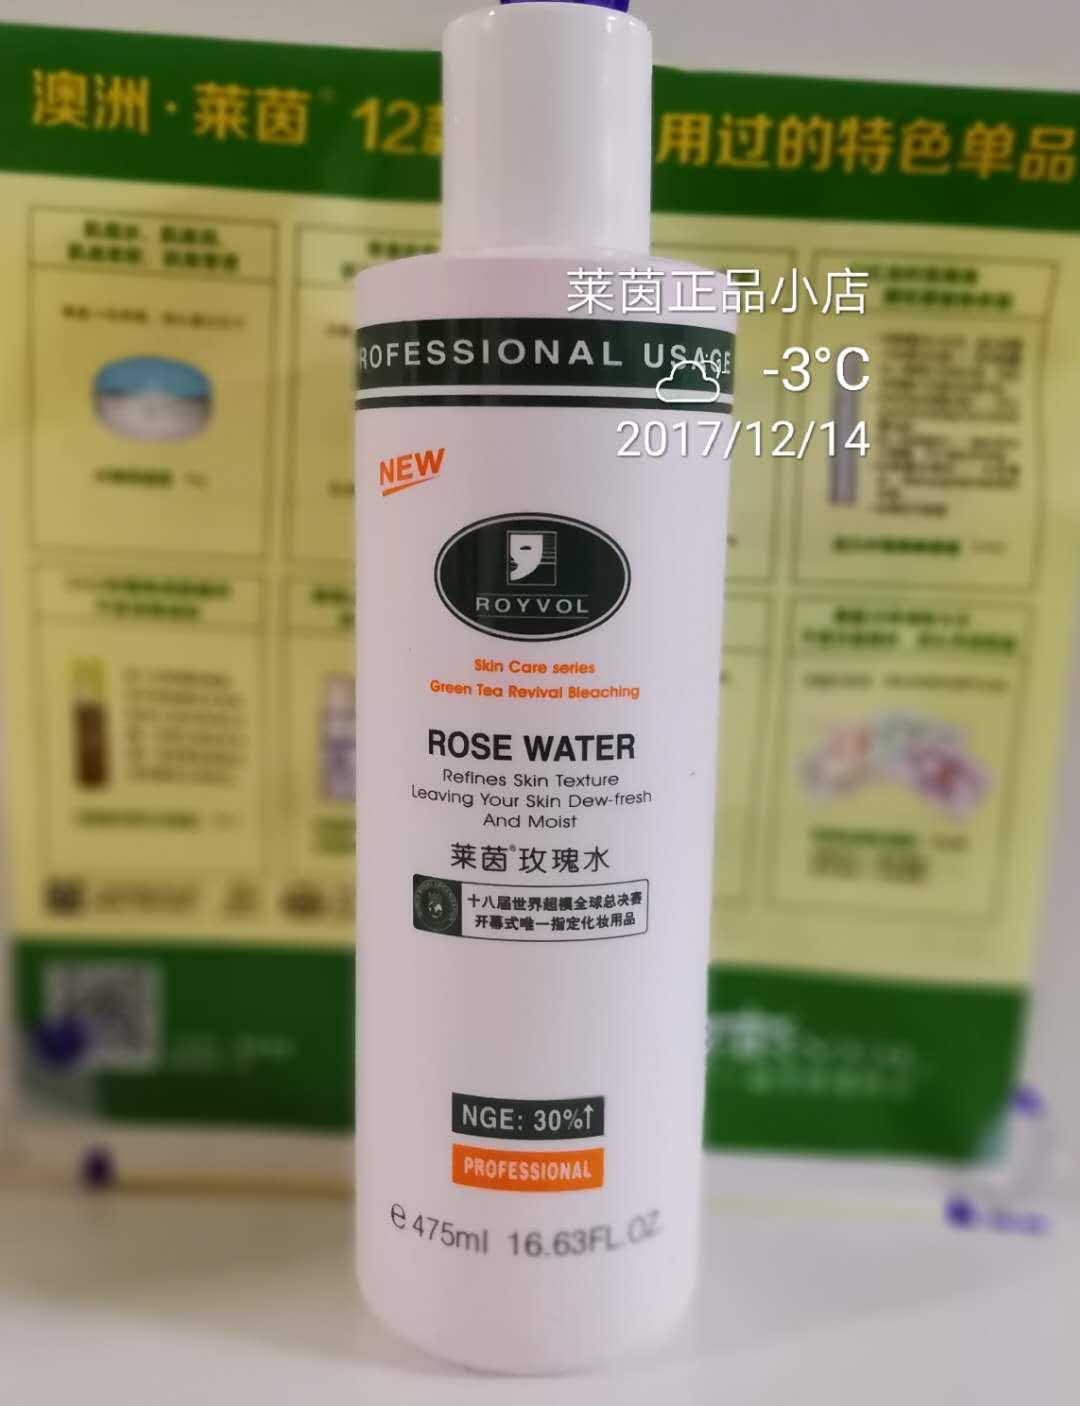 莱茵绿茶玫瑰水475ml 院装补水保湿美容院爽肤水